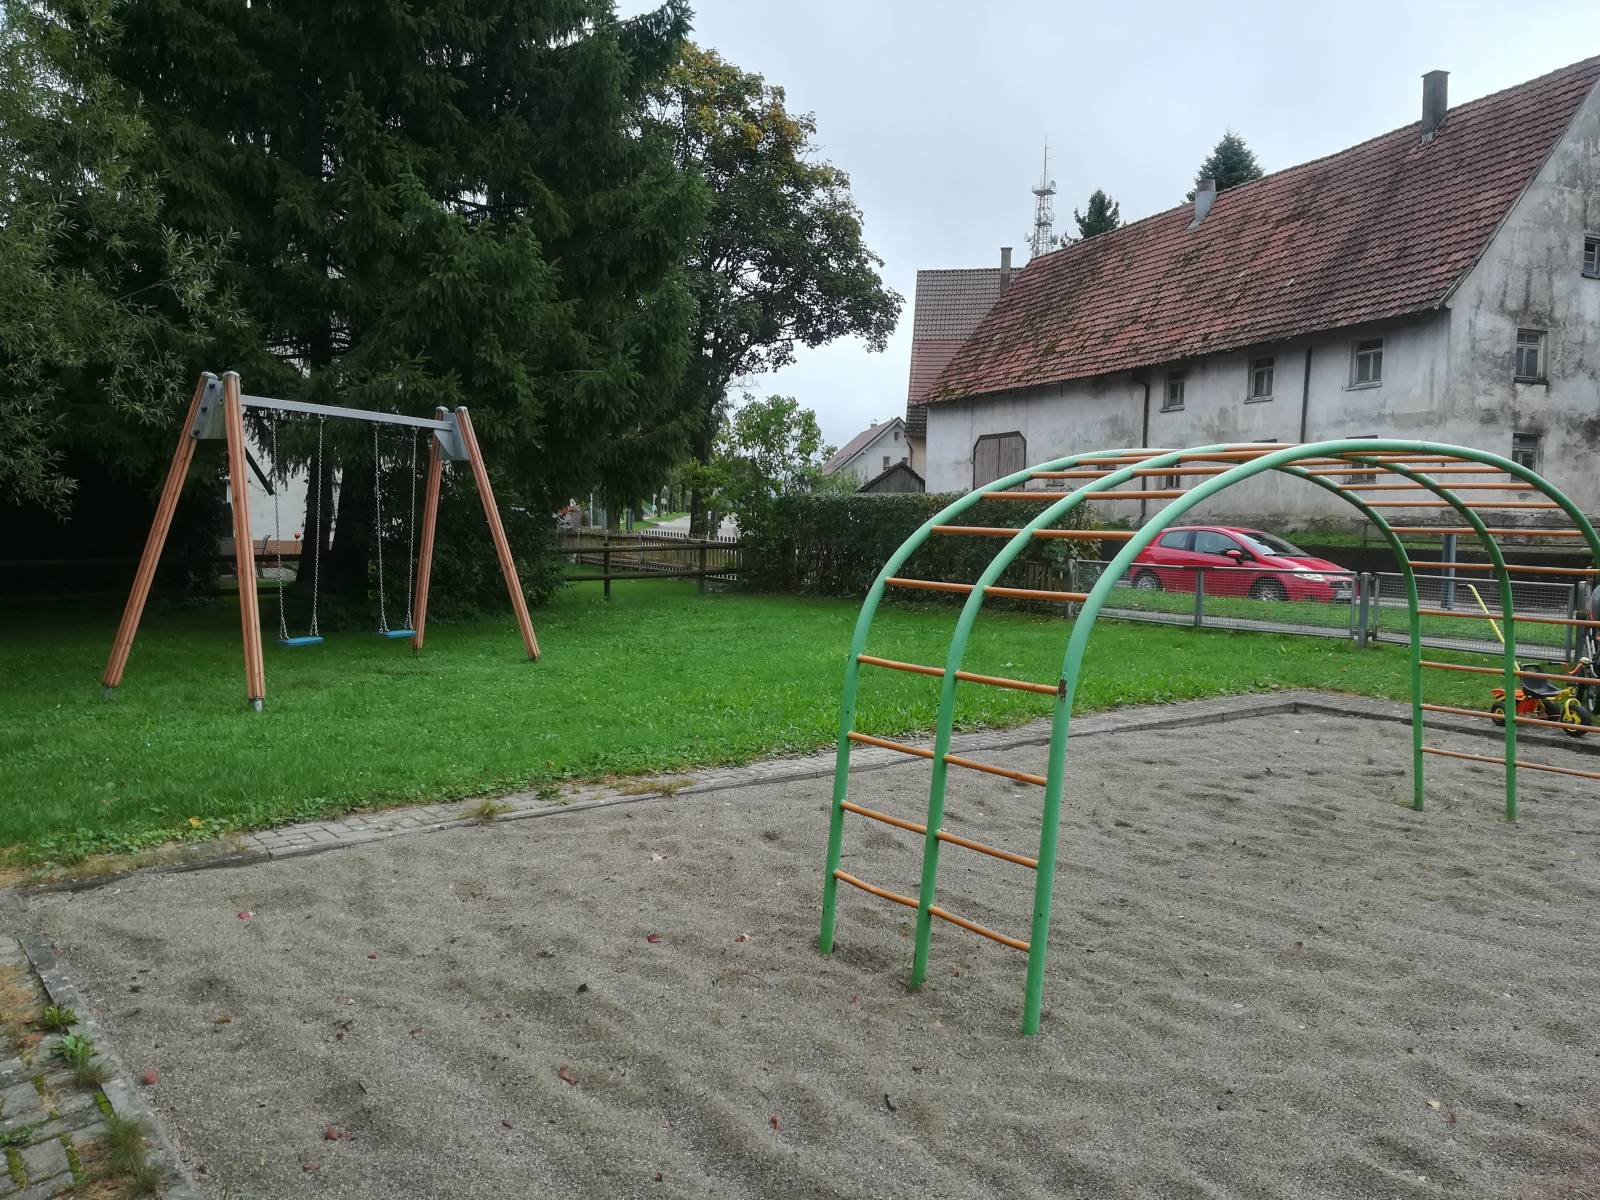 Kletterbogen Spielplatz : Spielplatz winterreuter straße in biberach an der riß bergerhausen